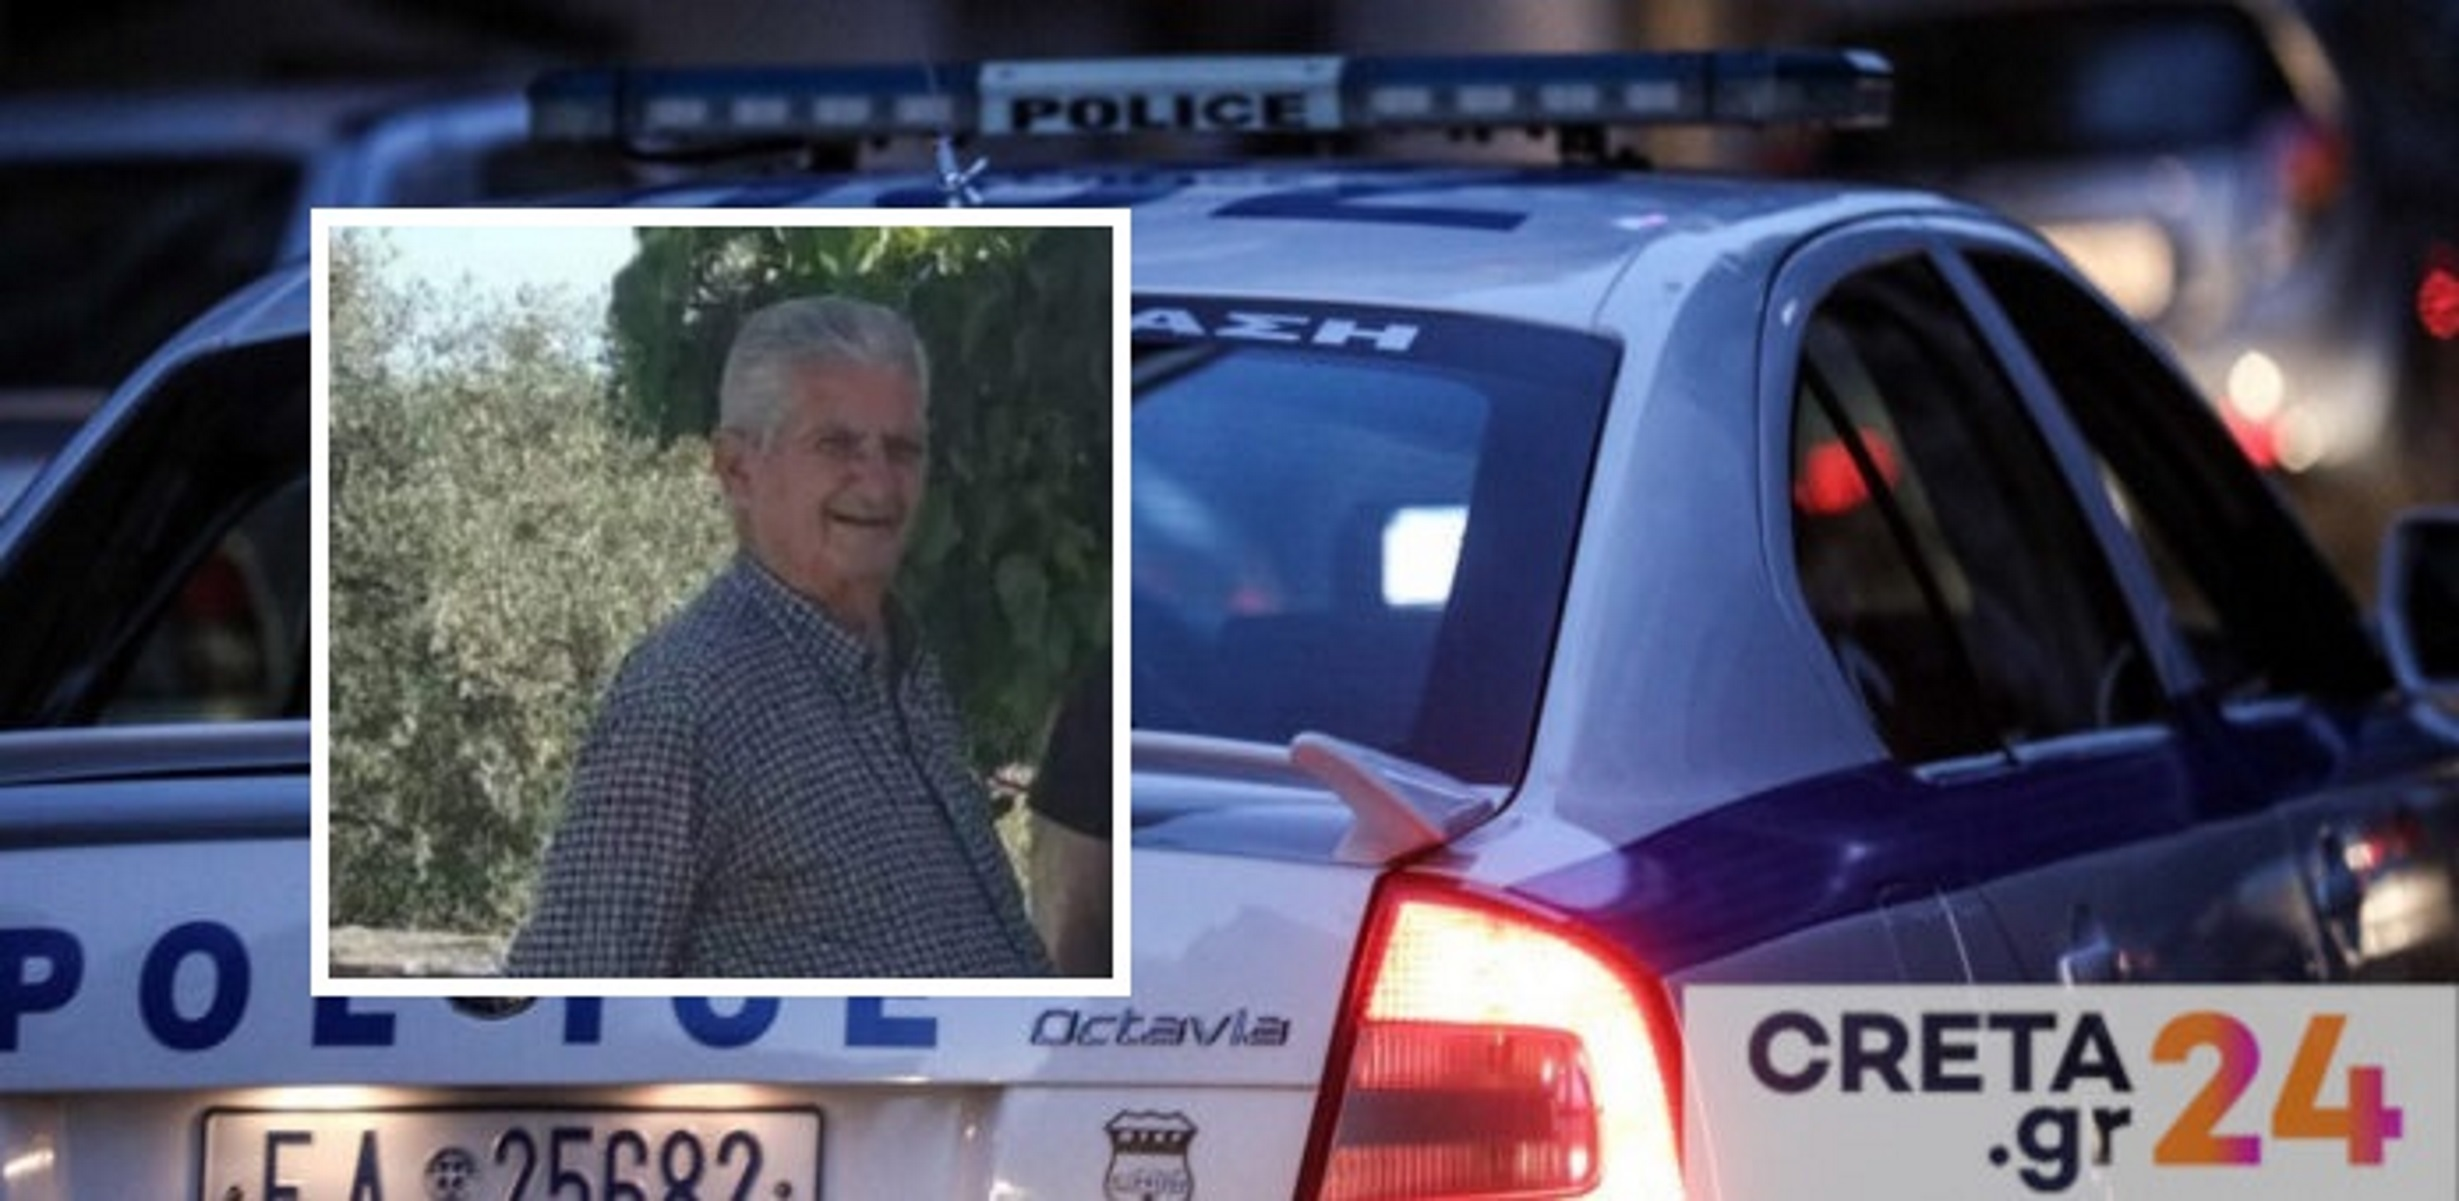 Ηράκλειο: Θρίλερ με τον 85χρονο που εξαφανίστηκε – Αγνοείται για τρίτο 24ωρο